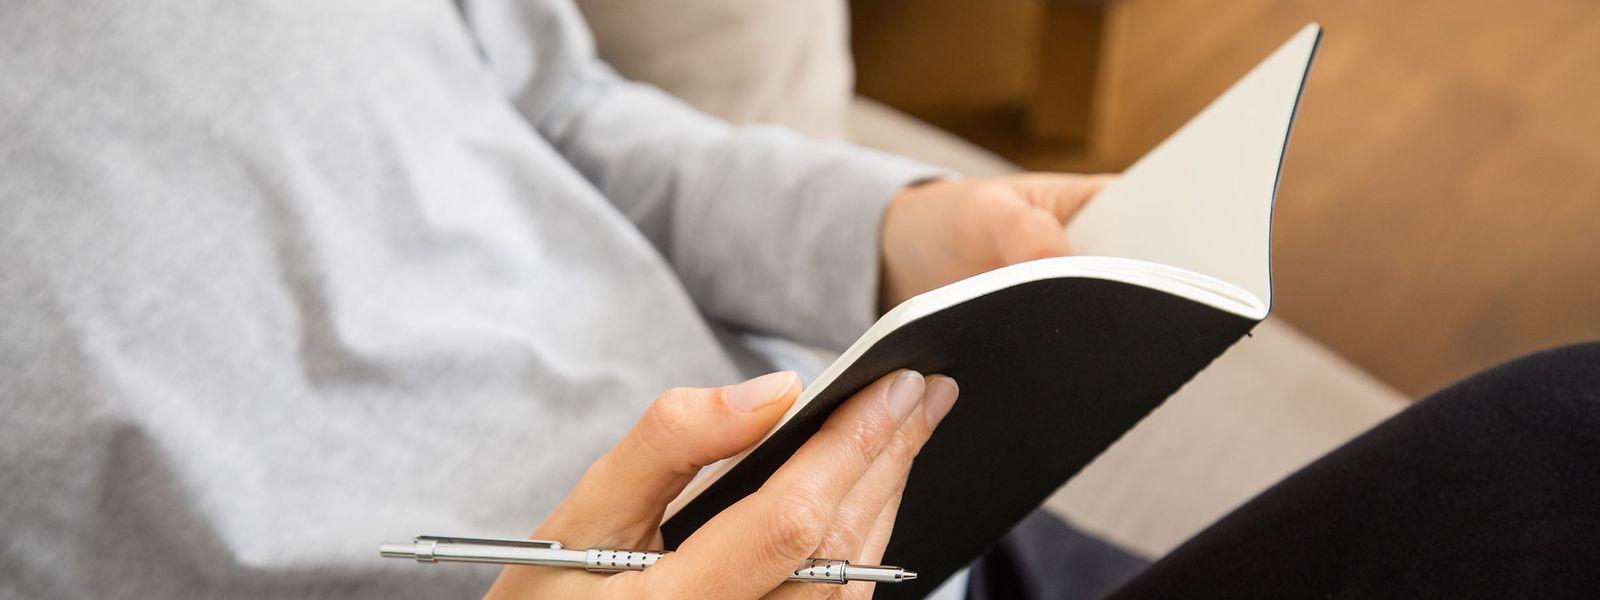 Das Schreiben eines Tagebuchs hilft dabei, Erinnerungen im Kopf aktiv zu halten.